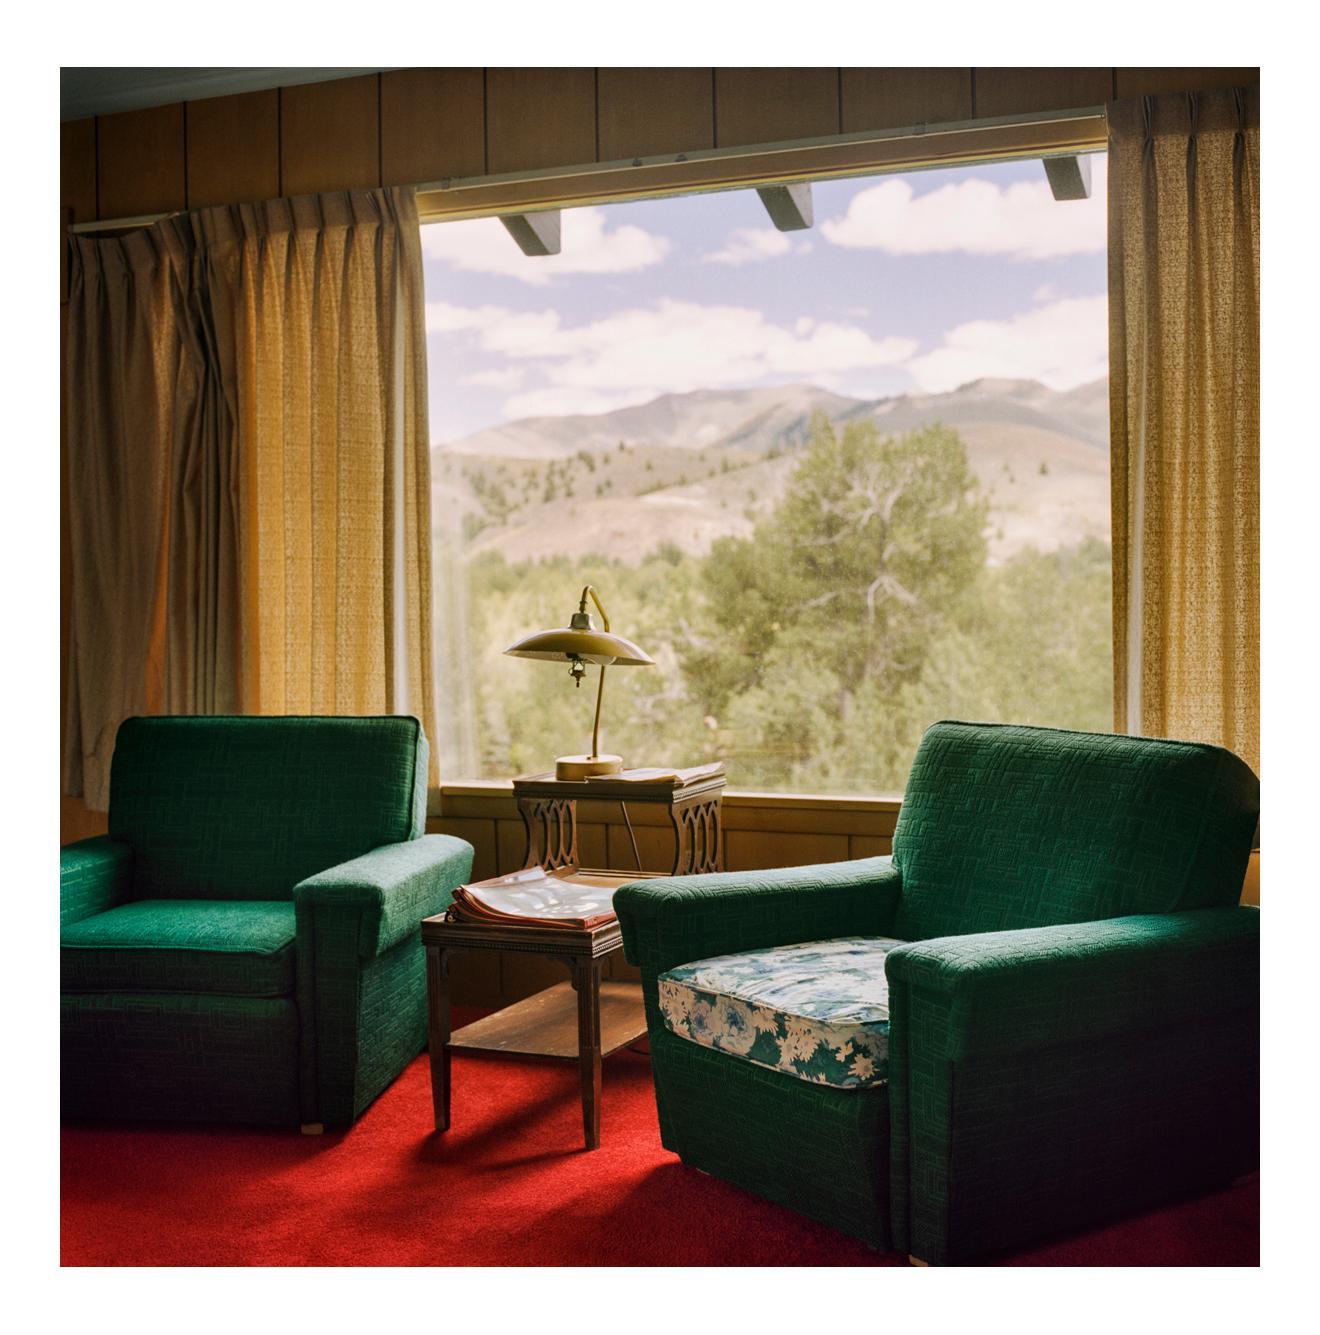 At Ernest Hemingway's House, Ketchum, Idaho, 1 July 2011, 2020, by Jonathan Becker